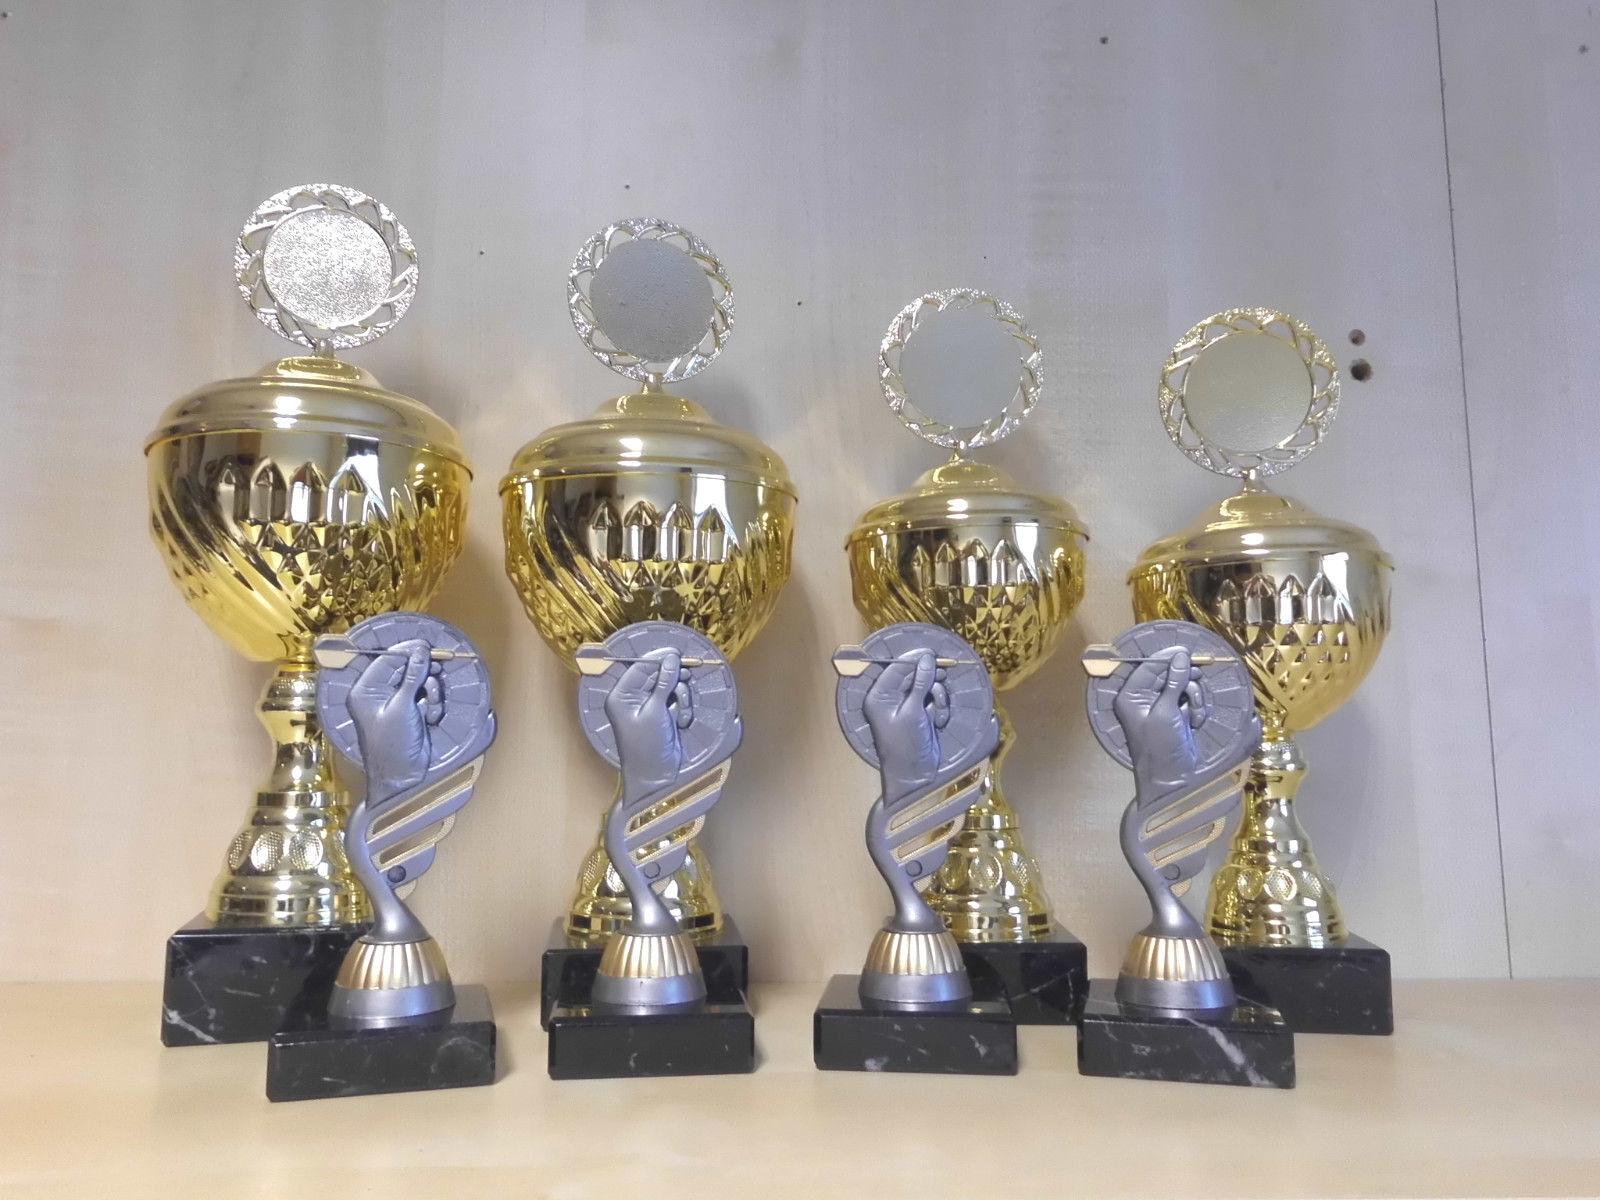 Dart Darts Pokale 10er 10er Pokale Serie (15-33cm) Trophäe Kids Turnier m. Gravur Pokal S456 f954ca